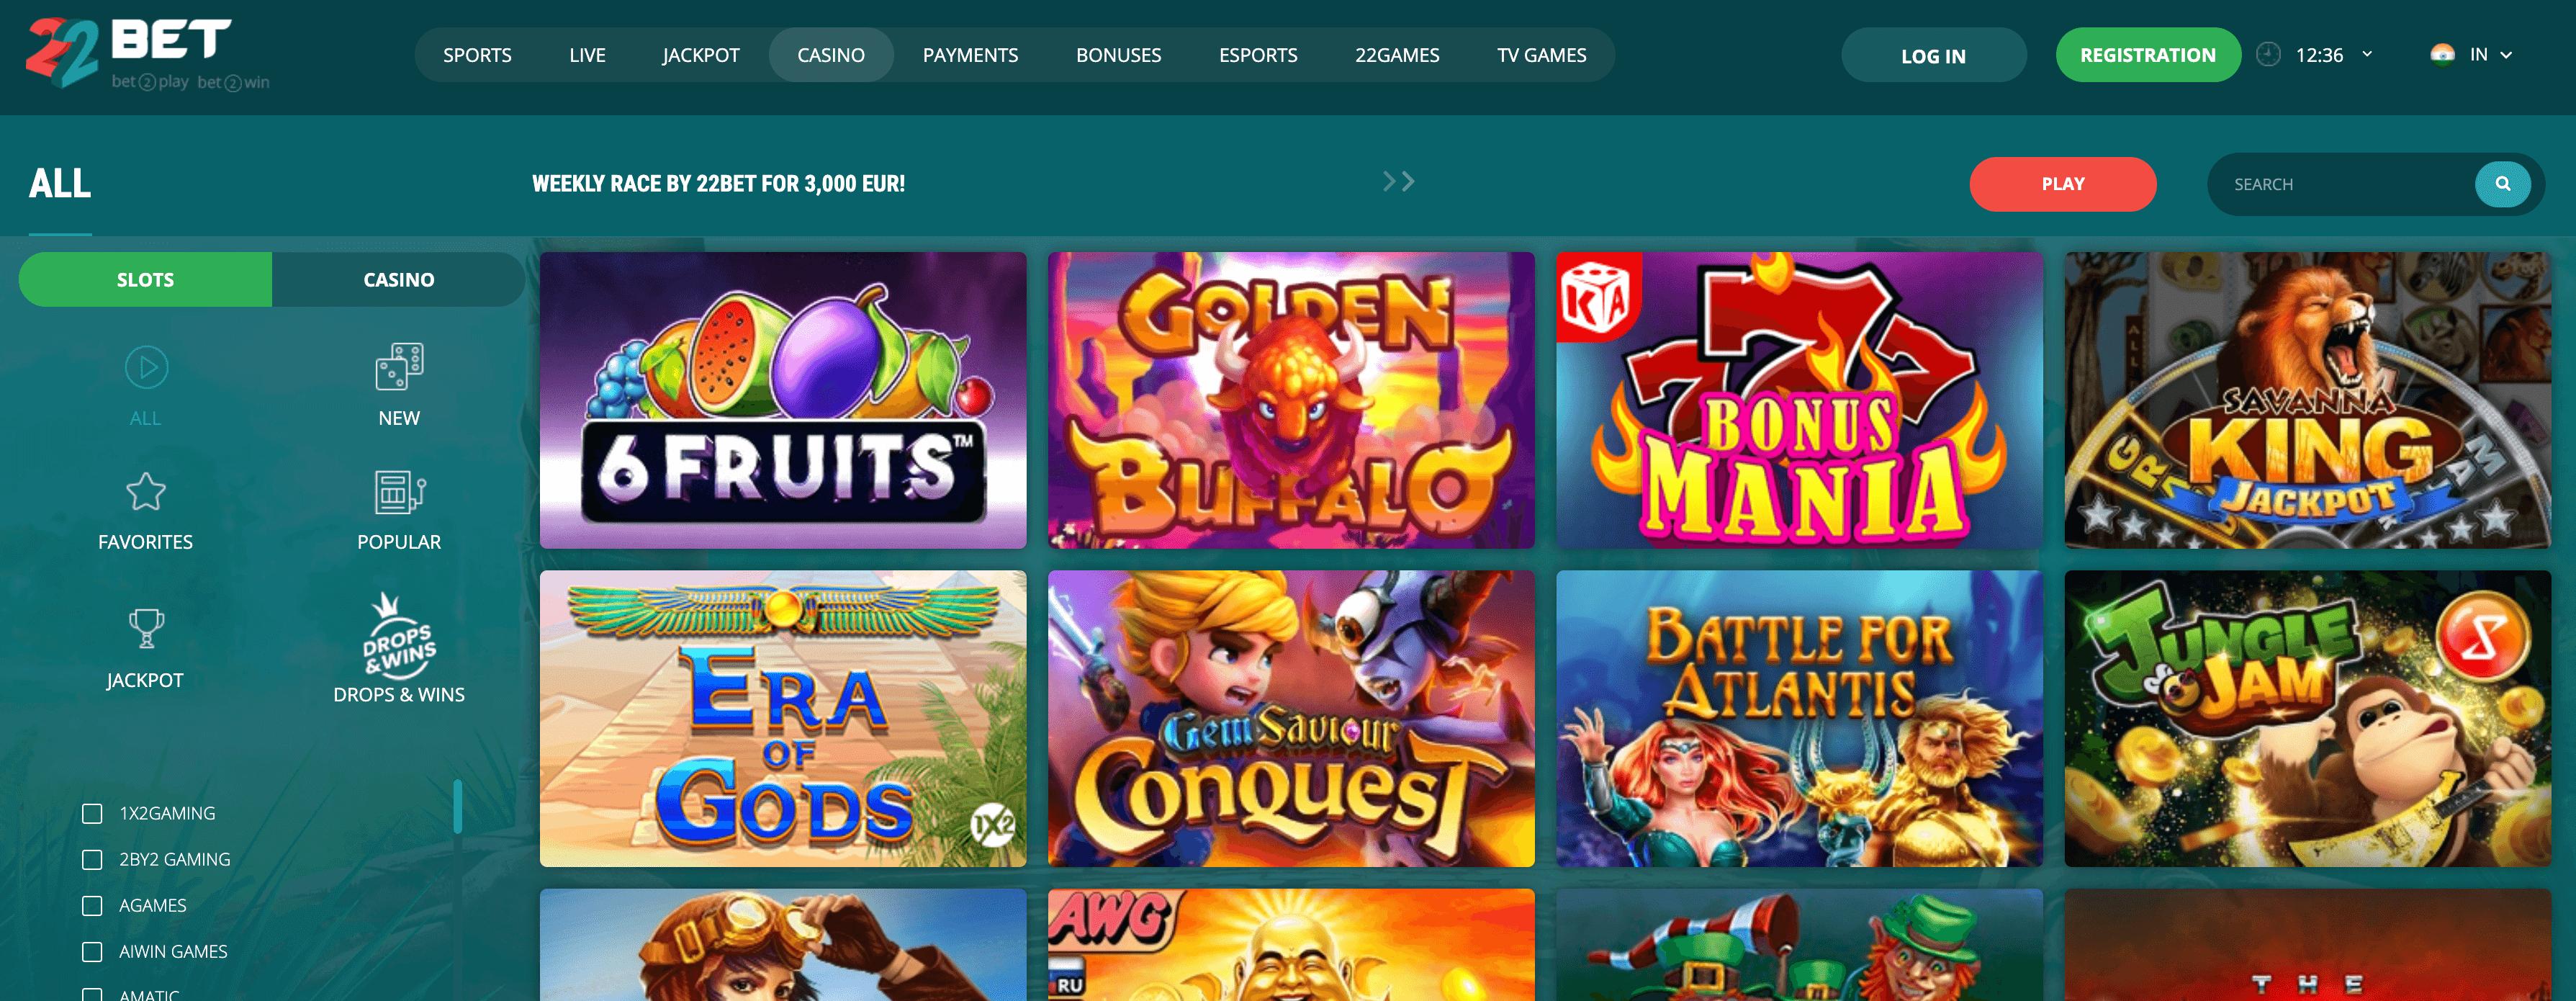 22bet india homepage casino